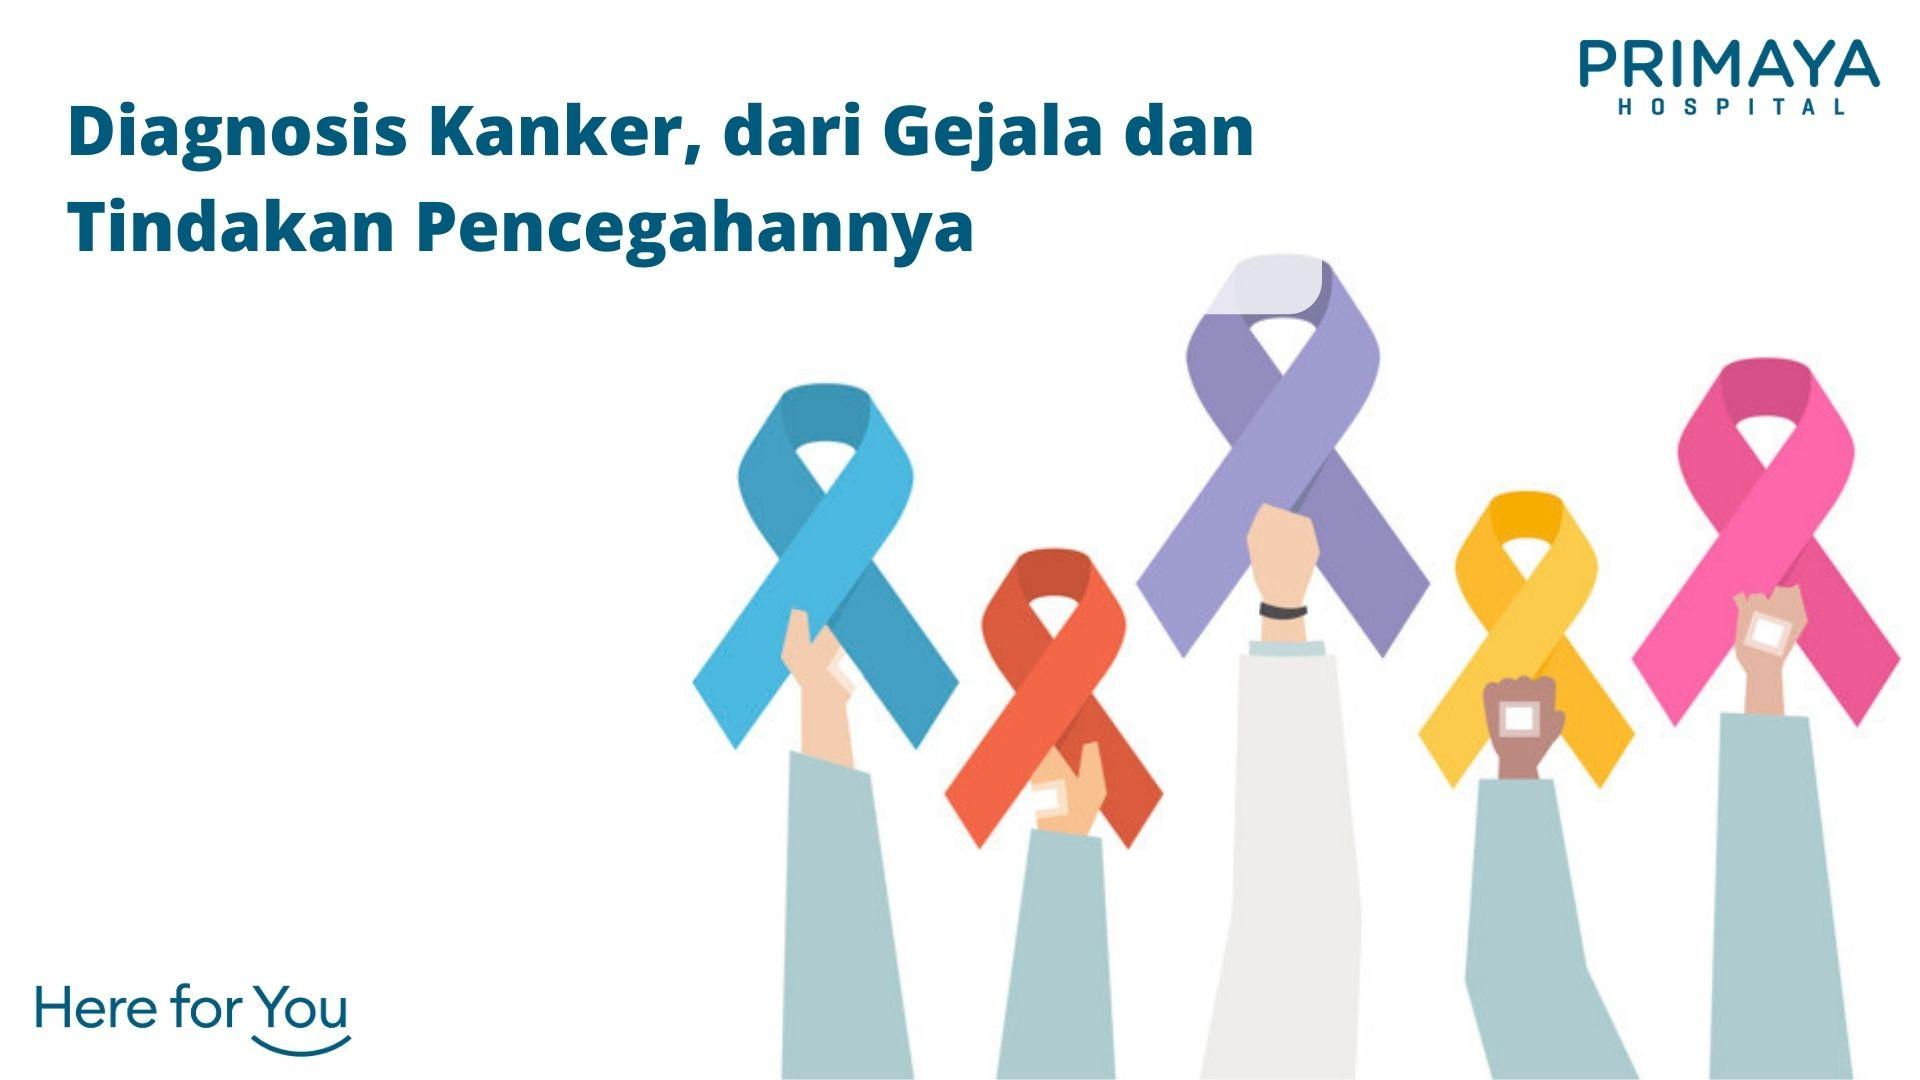 Diagnosis Kanker, dari Gejala dan Tindakan Pencegahannya